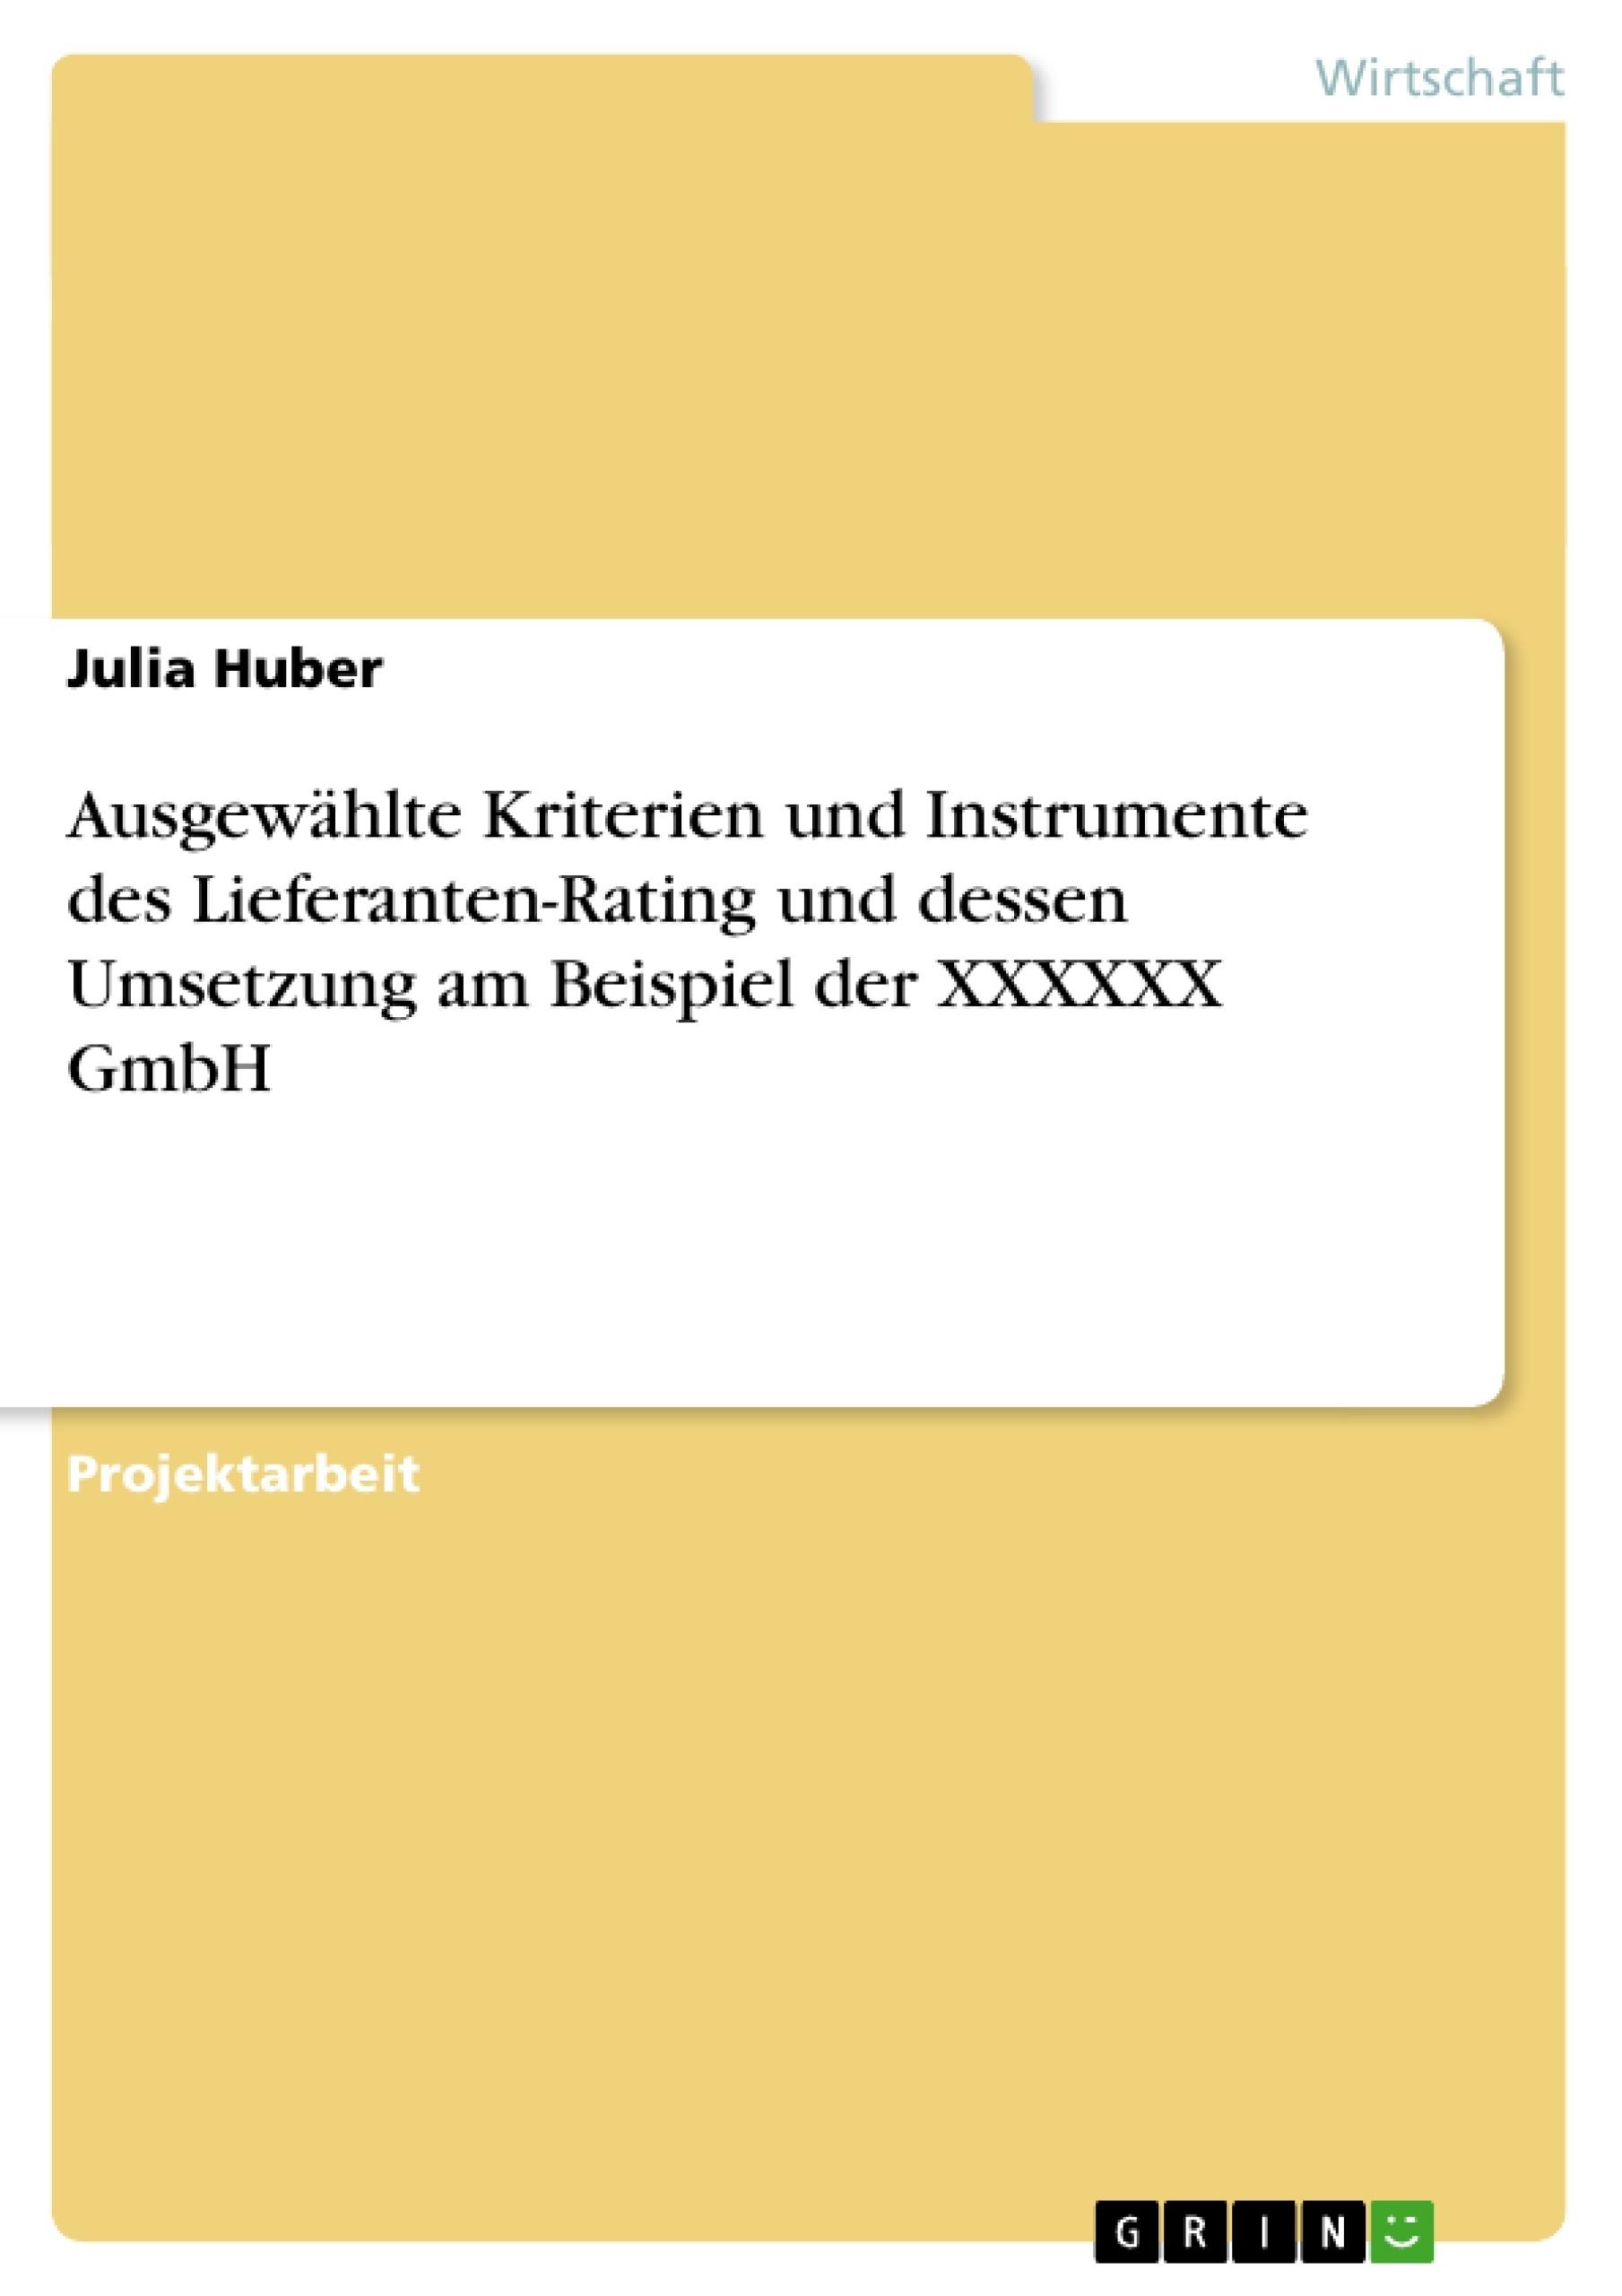 Titel: Ausgewählte Kriterien und Instrumente des Lieferanten-Rating  und dessen Umsetzung am Beispiel der XXXXXX GmbH